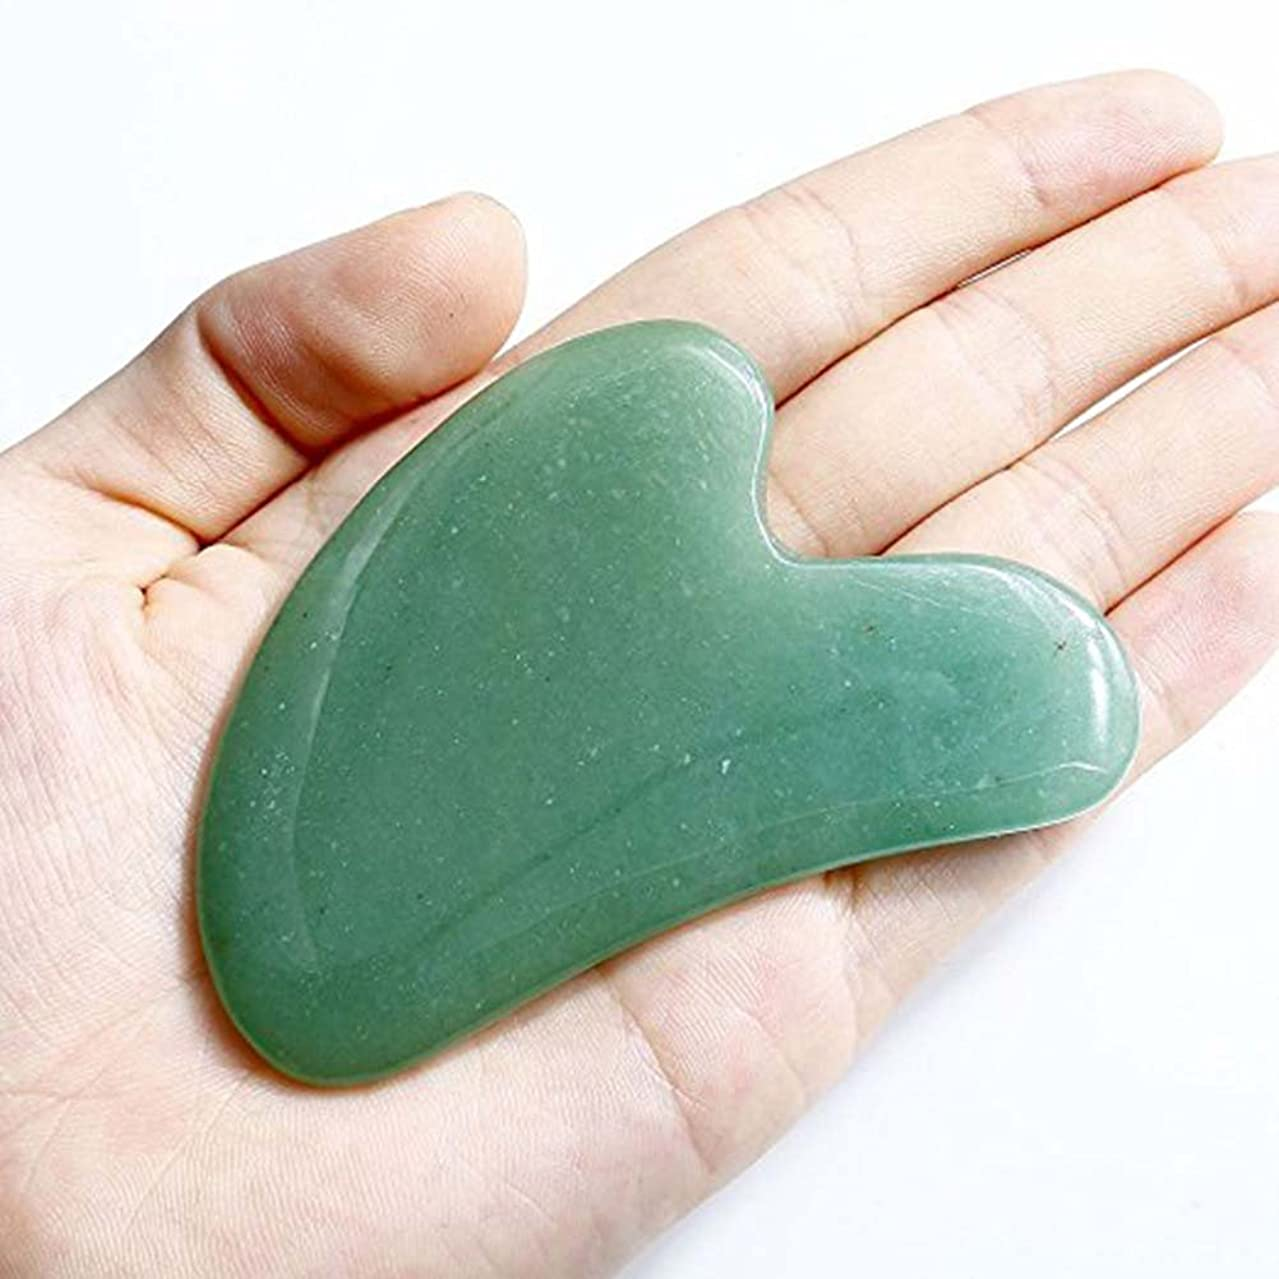 任命敵対的カバレッジEcho & Kern Face / Body Massage Green Aventurine heart shape ハート形状かっさプレート 天然石 翡翠色(顔?ボディのリンパマッサージ) (かっさプレートH)